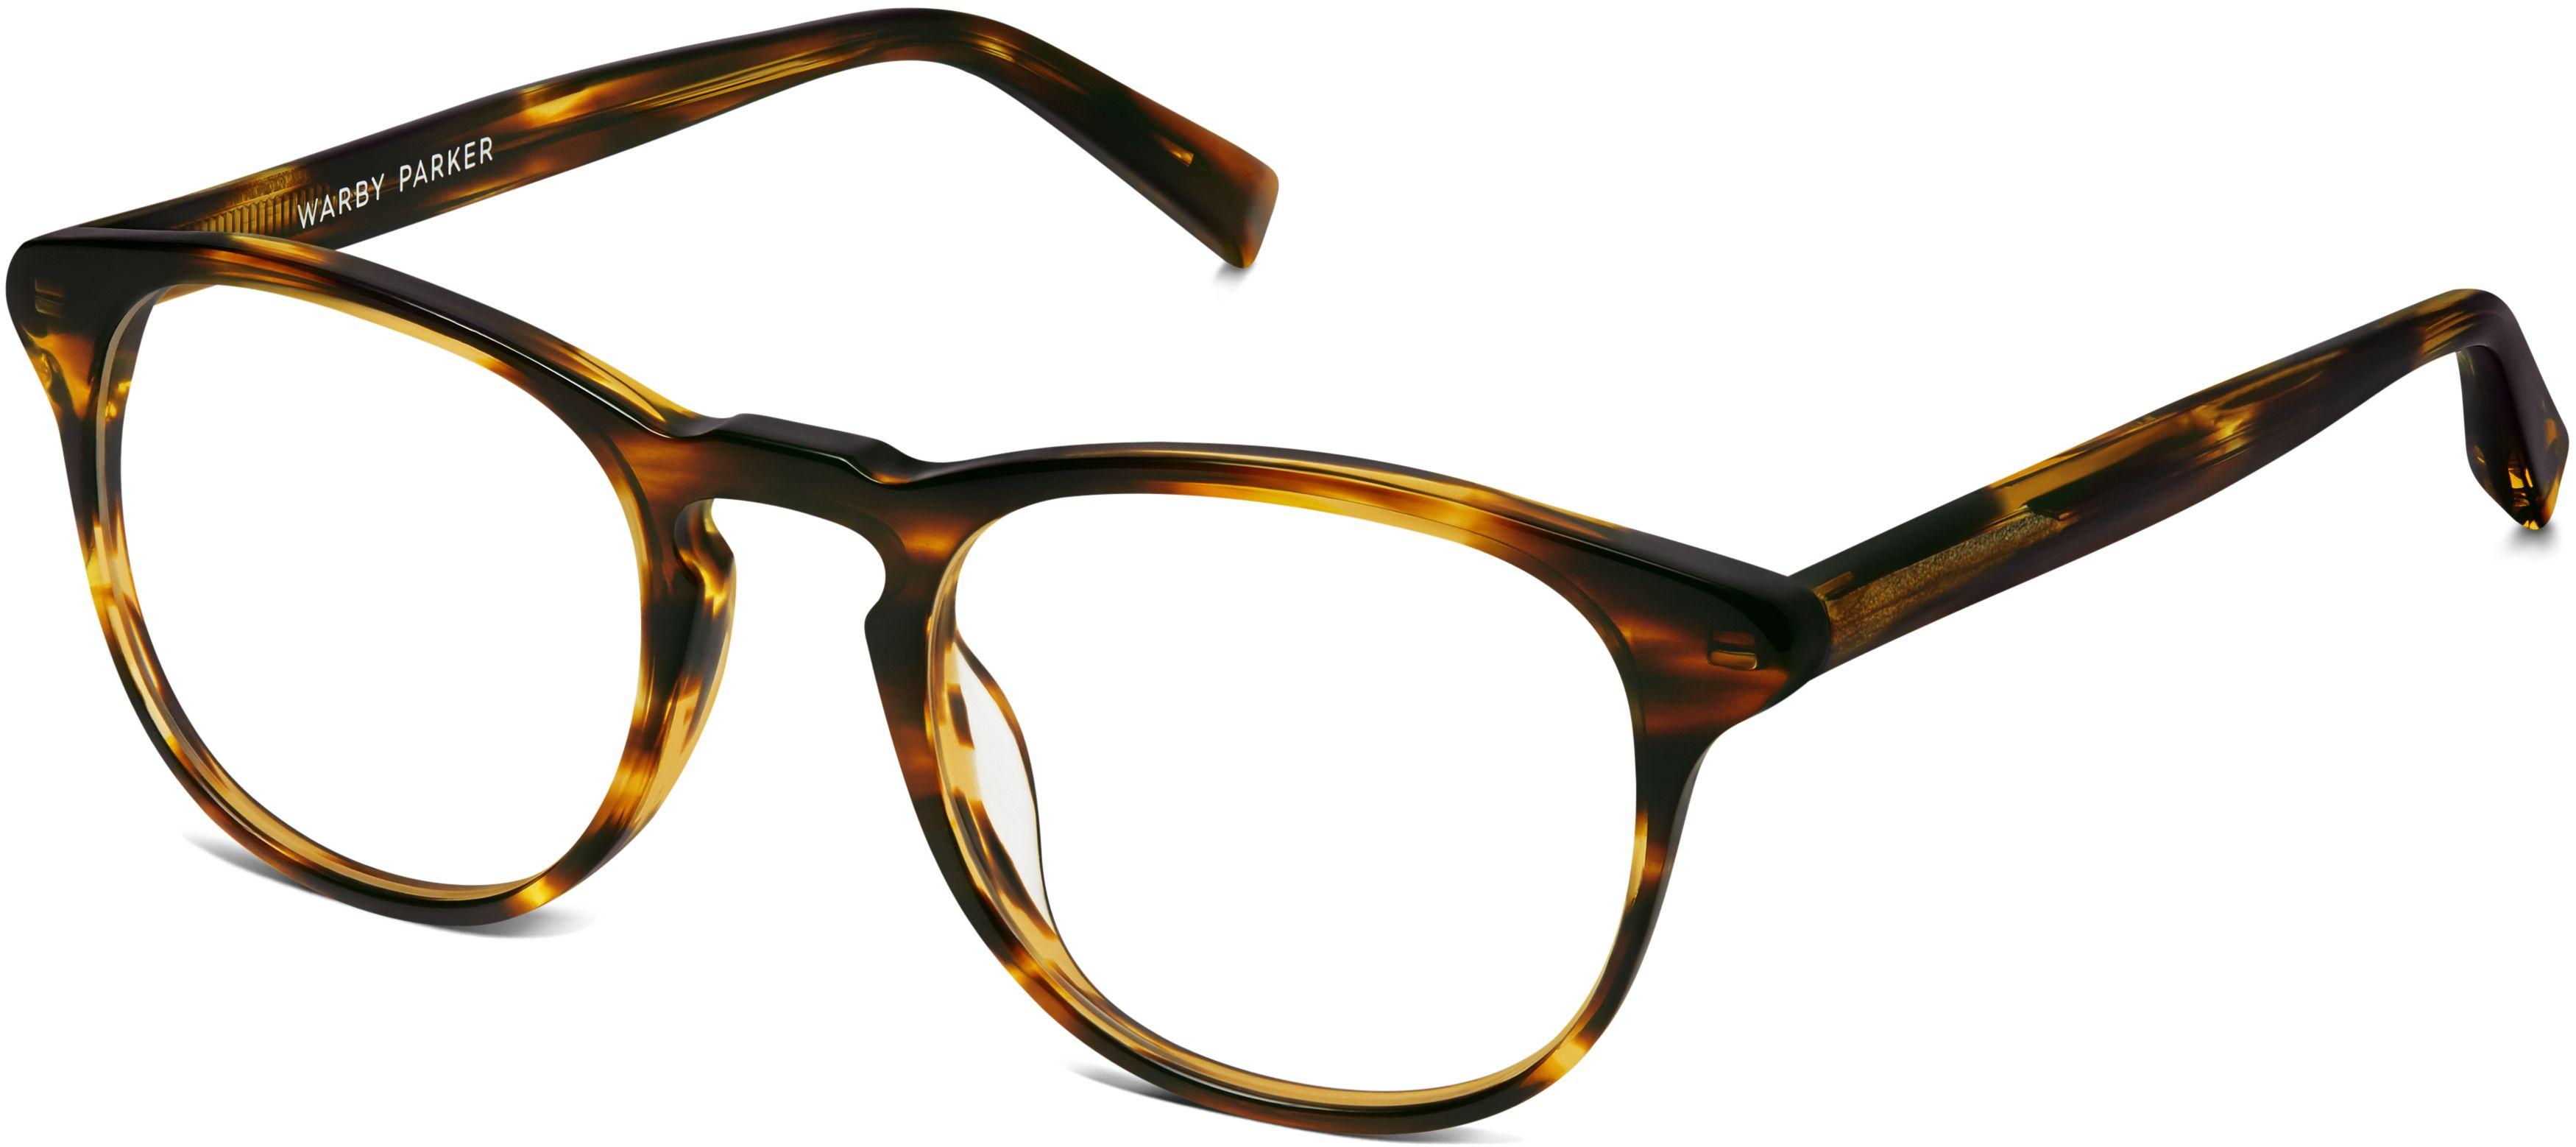 Baker Eyeglasses in Striped Sassafras for Women | Warby Parker